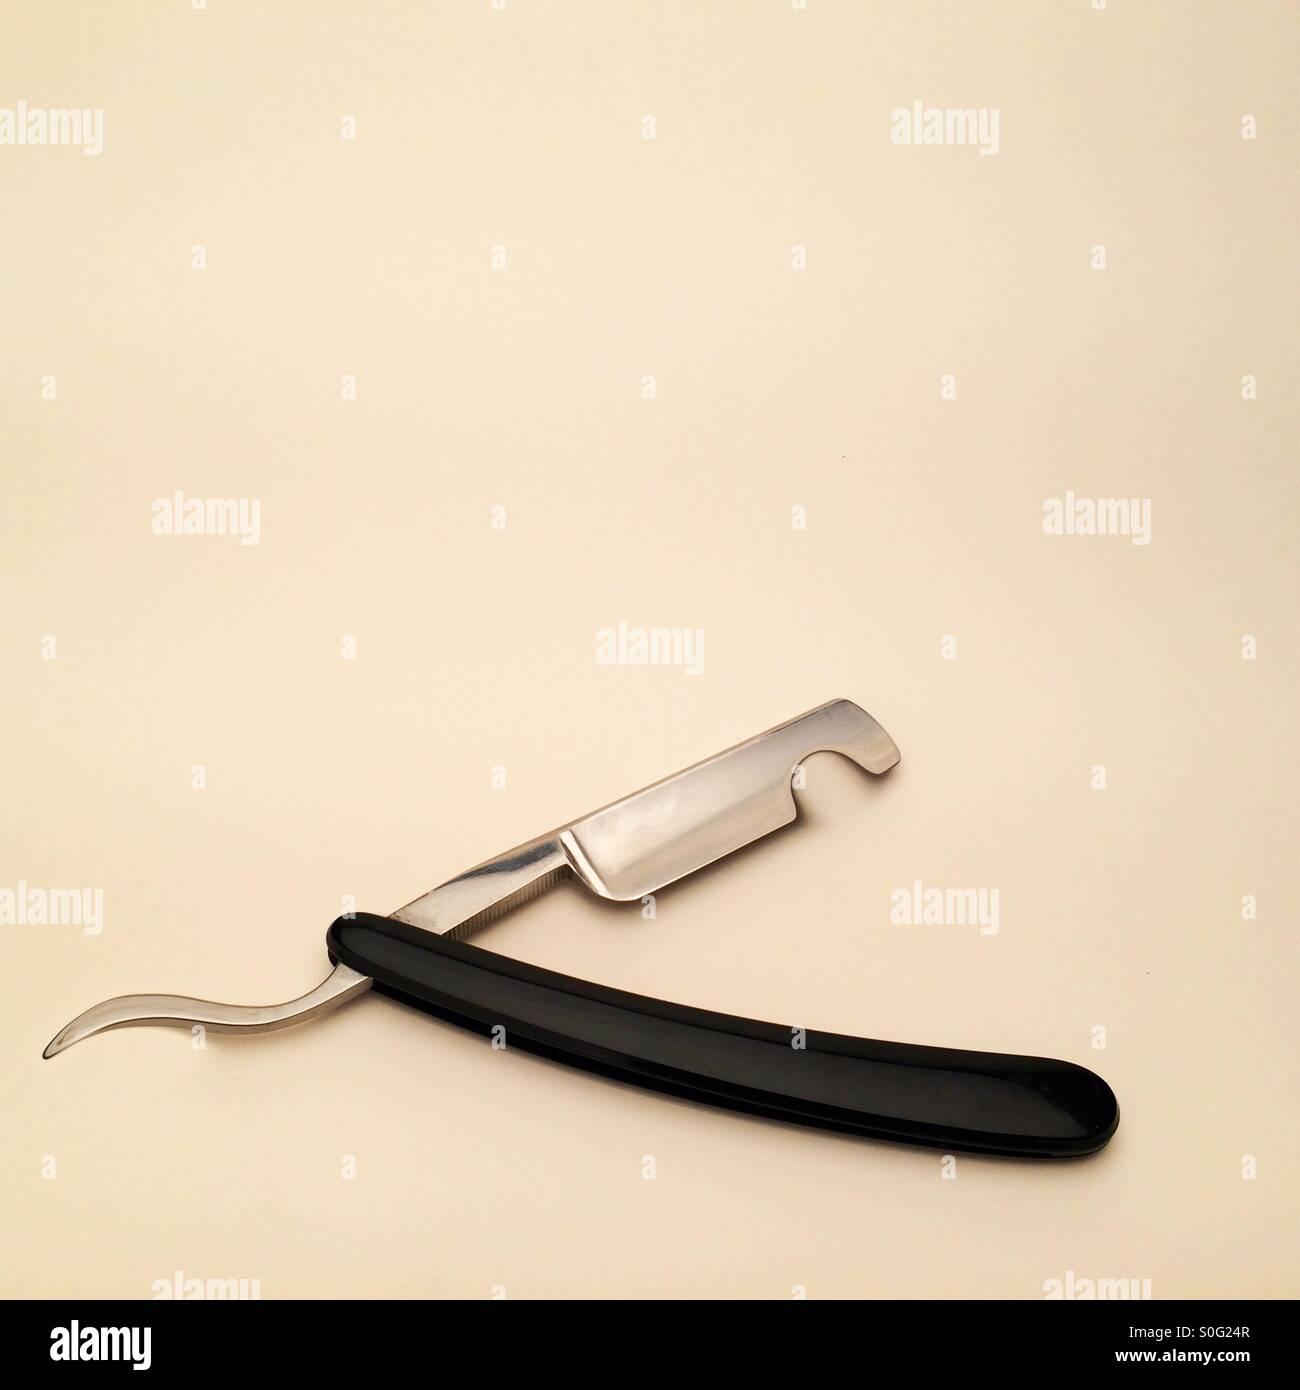 Manipulé image montrant un rasoir coupe la gorge avec une encoche pris hors de lui, beaucoup de place pour Photo Stock